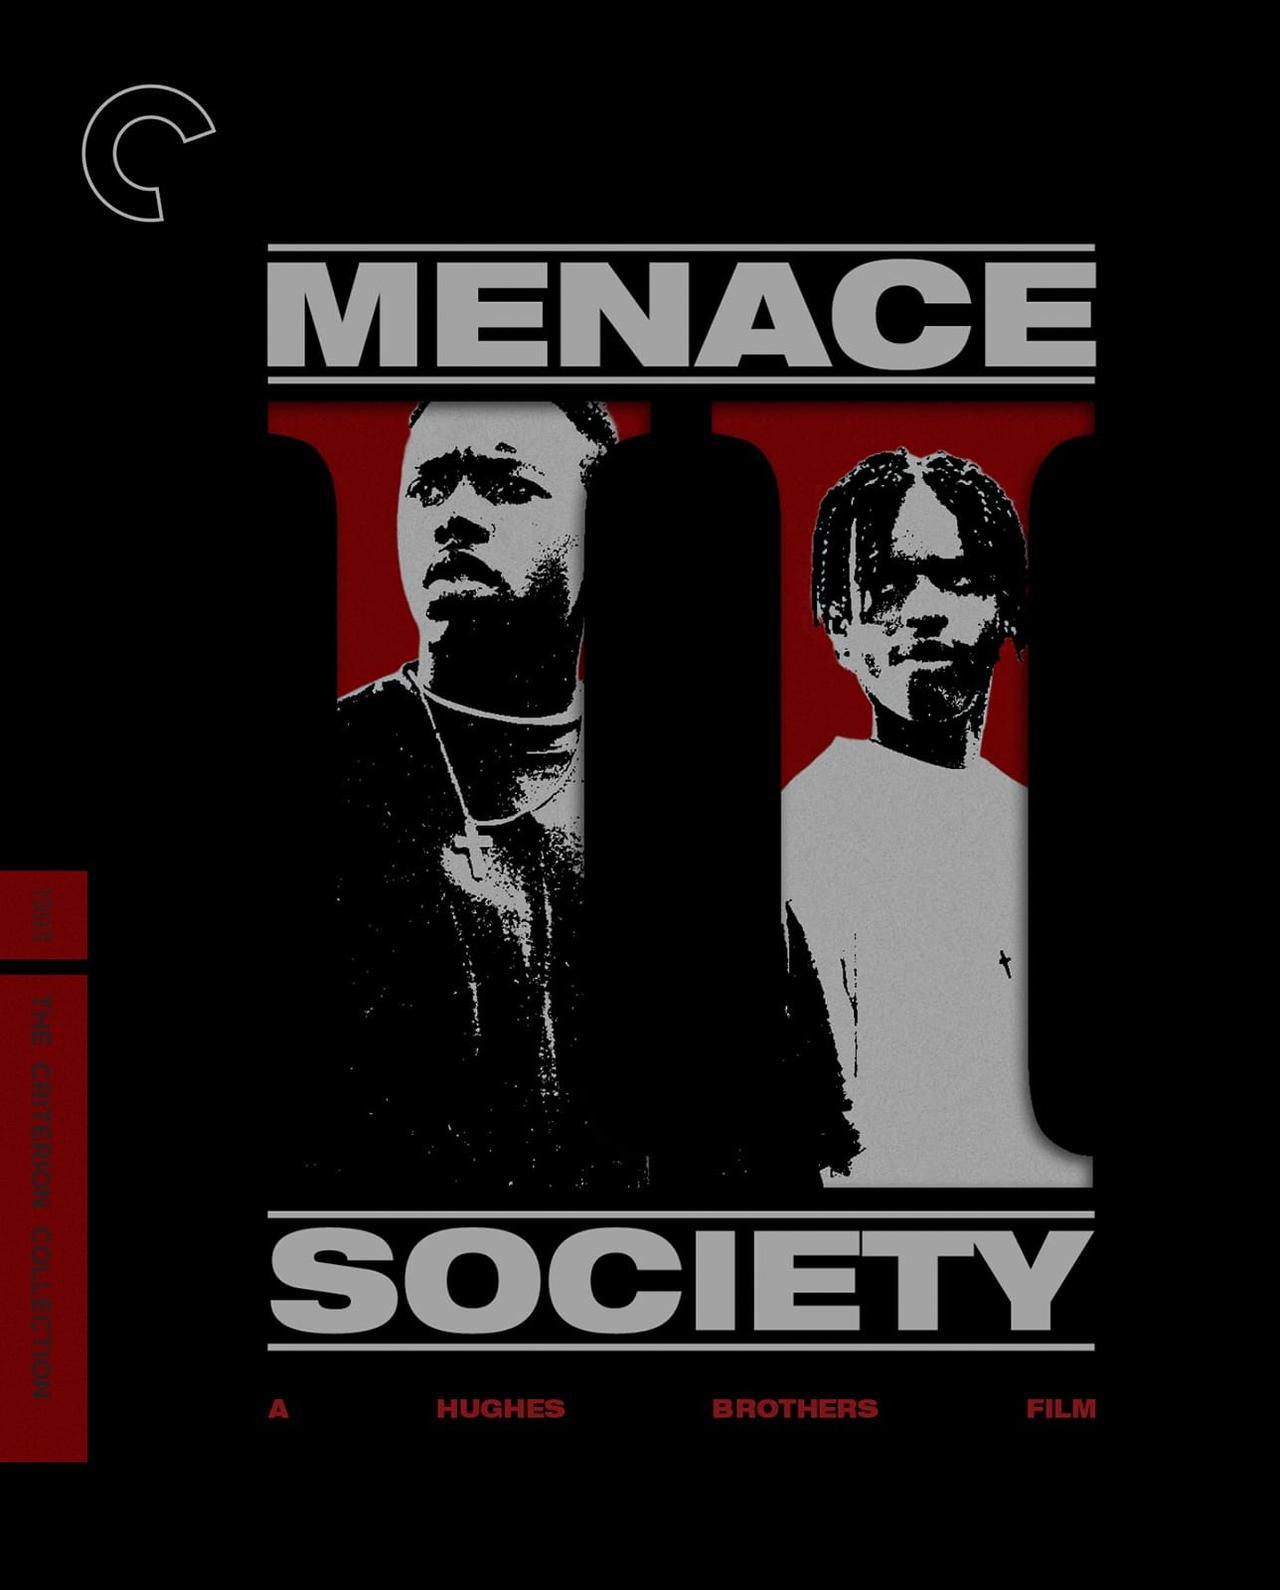 画像: ポケットいっぱいの涙/MENACE II SOCIETY 11月23日リリース 1993年/監督アレン・ヒューズ、アルバート・ヒューズ/出演タイリン・ターナー, ラレンズ・テイト ロサンゼルスのサウス・セントラル地区。暴力とドラッグに支配されるこの街に暮らす黒人青年の目を通して、アメリカ社会が抱える病巣を鋭く活写したハードエッジな青春映画。当時弱冠20歳であったヒューズ兄弟、その衝撃の監督デビュー作。MTVムービー・アワード作品賞受賞。 ******************************************************************************************************************************** United States   97 minutes   Color   1.85:1   English   2-Disc Set   SRP: $49.95